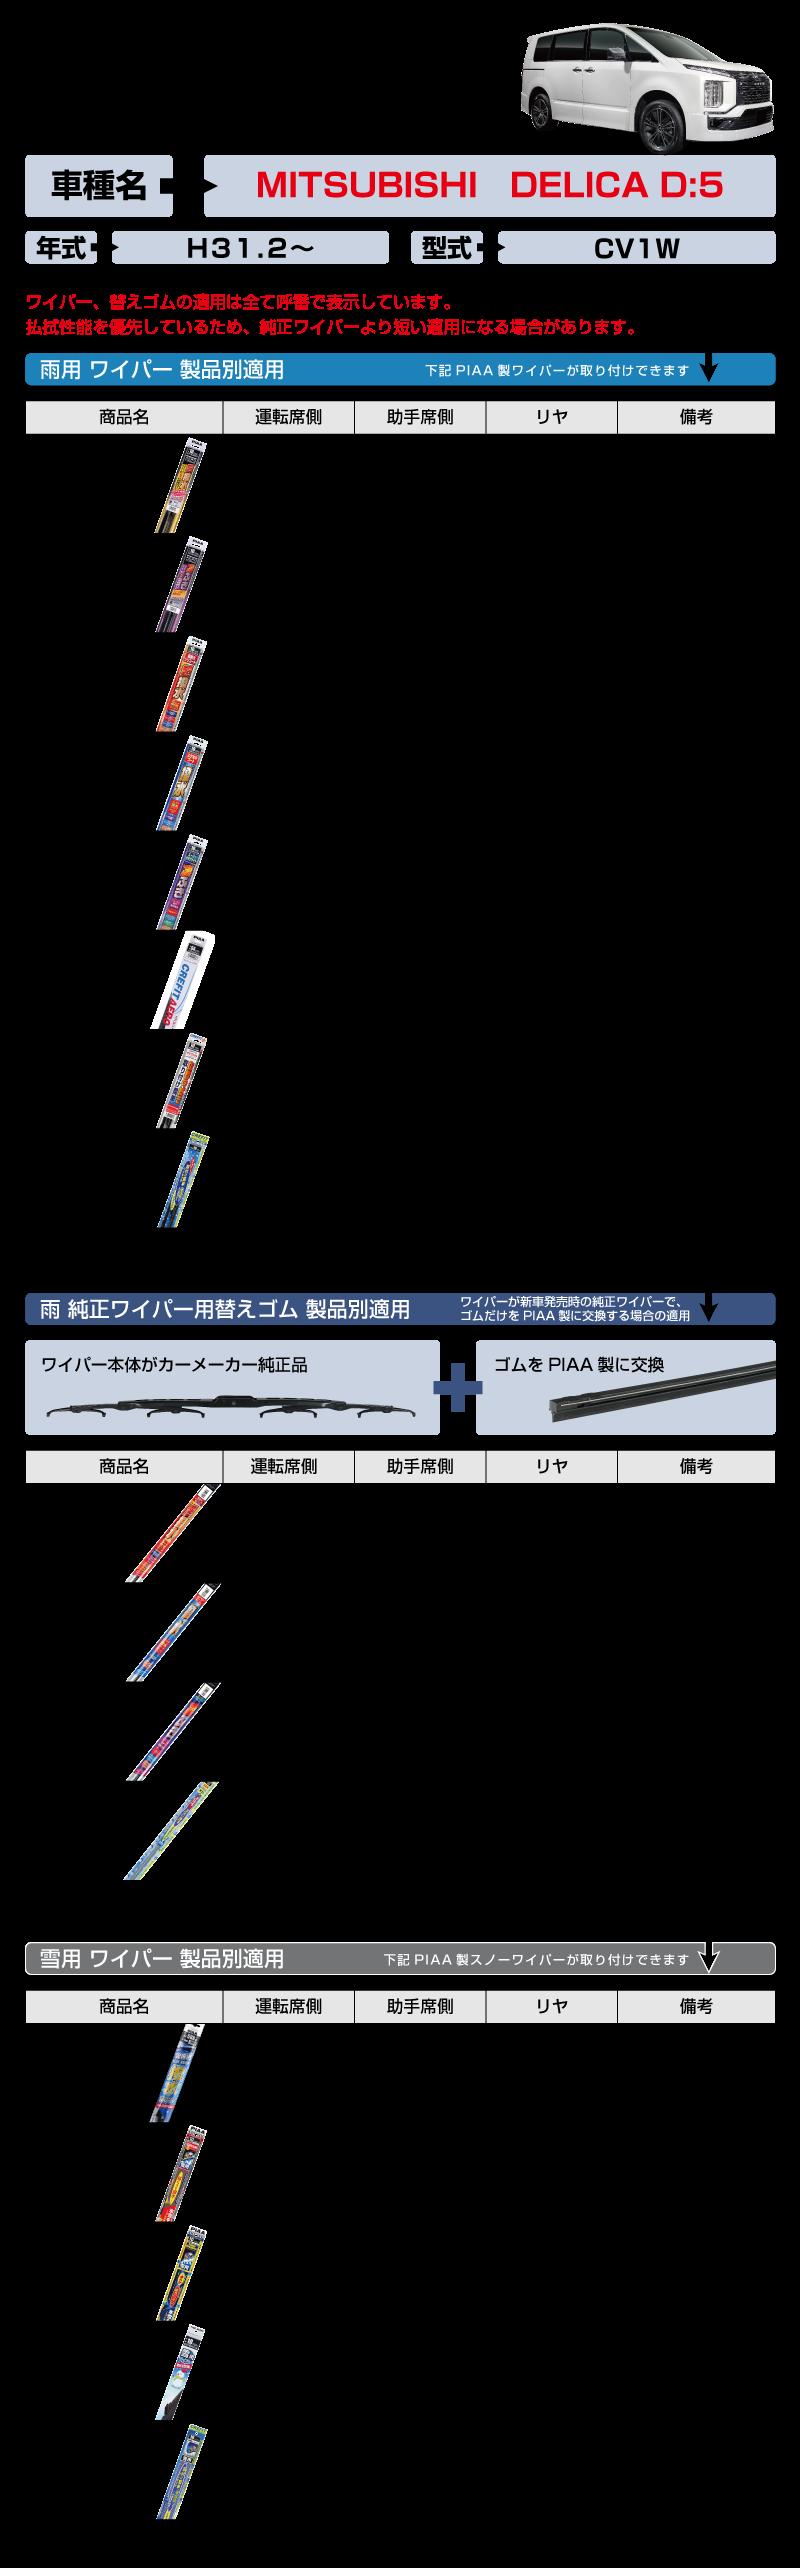 TEKIYO_MITSUBISHI_DELICA-D5_H31.2